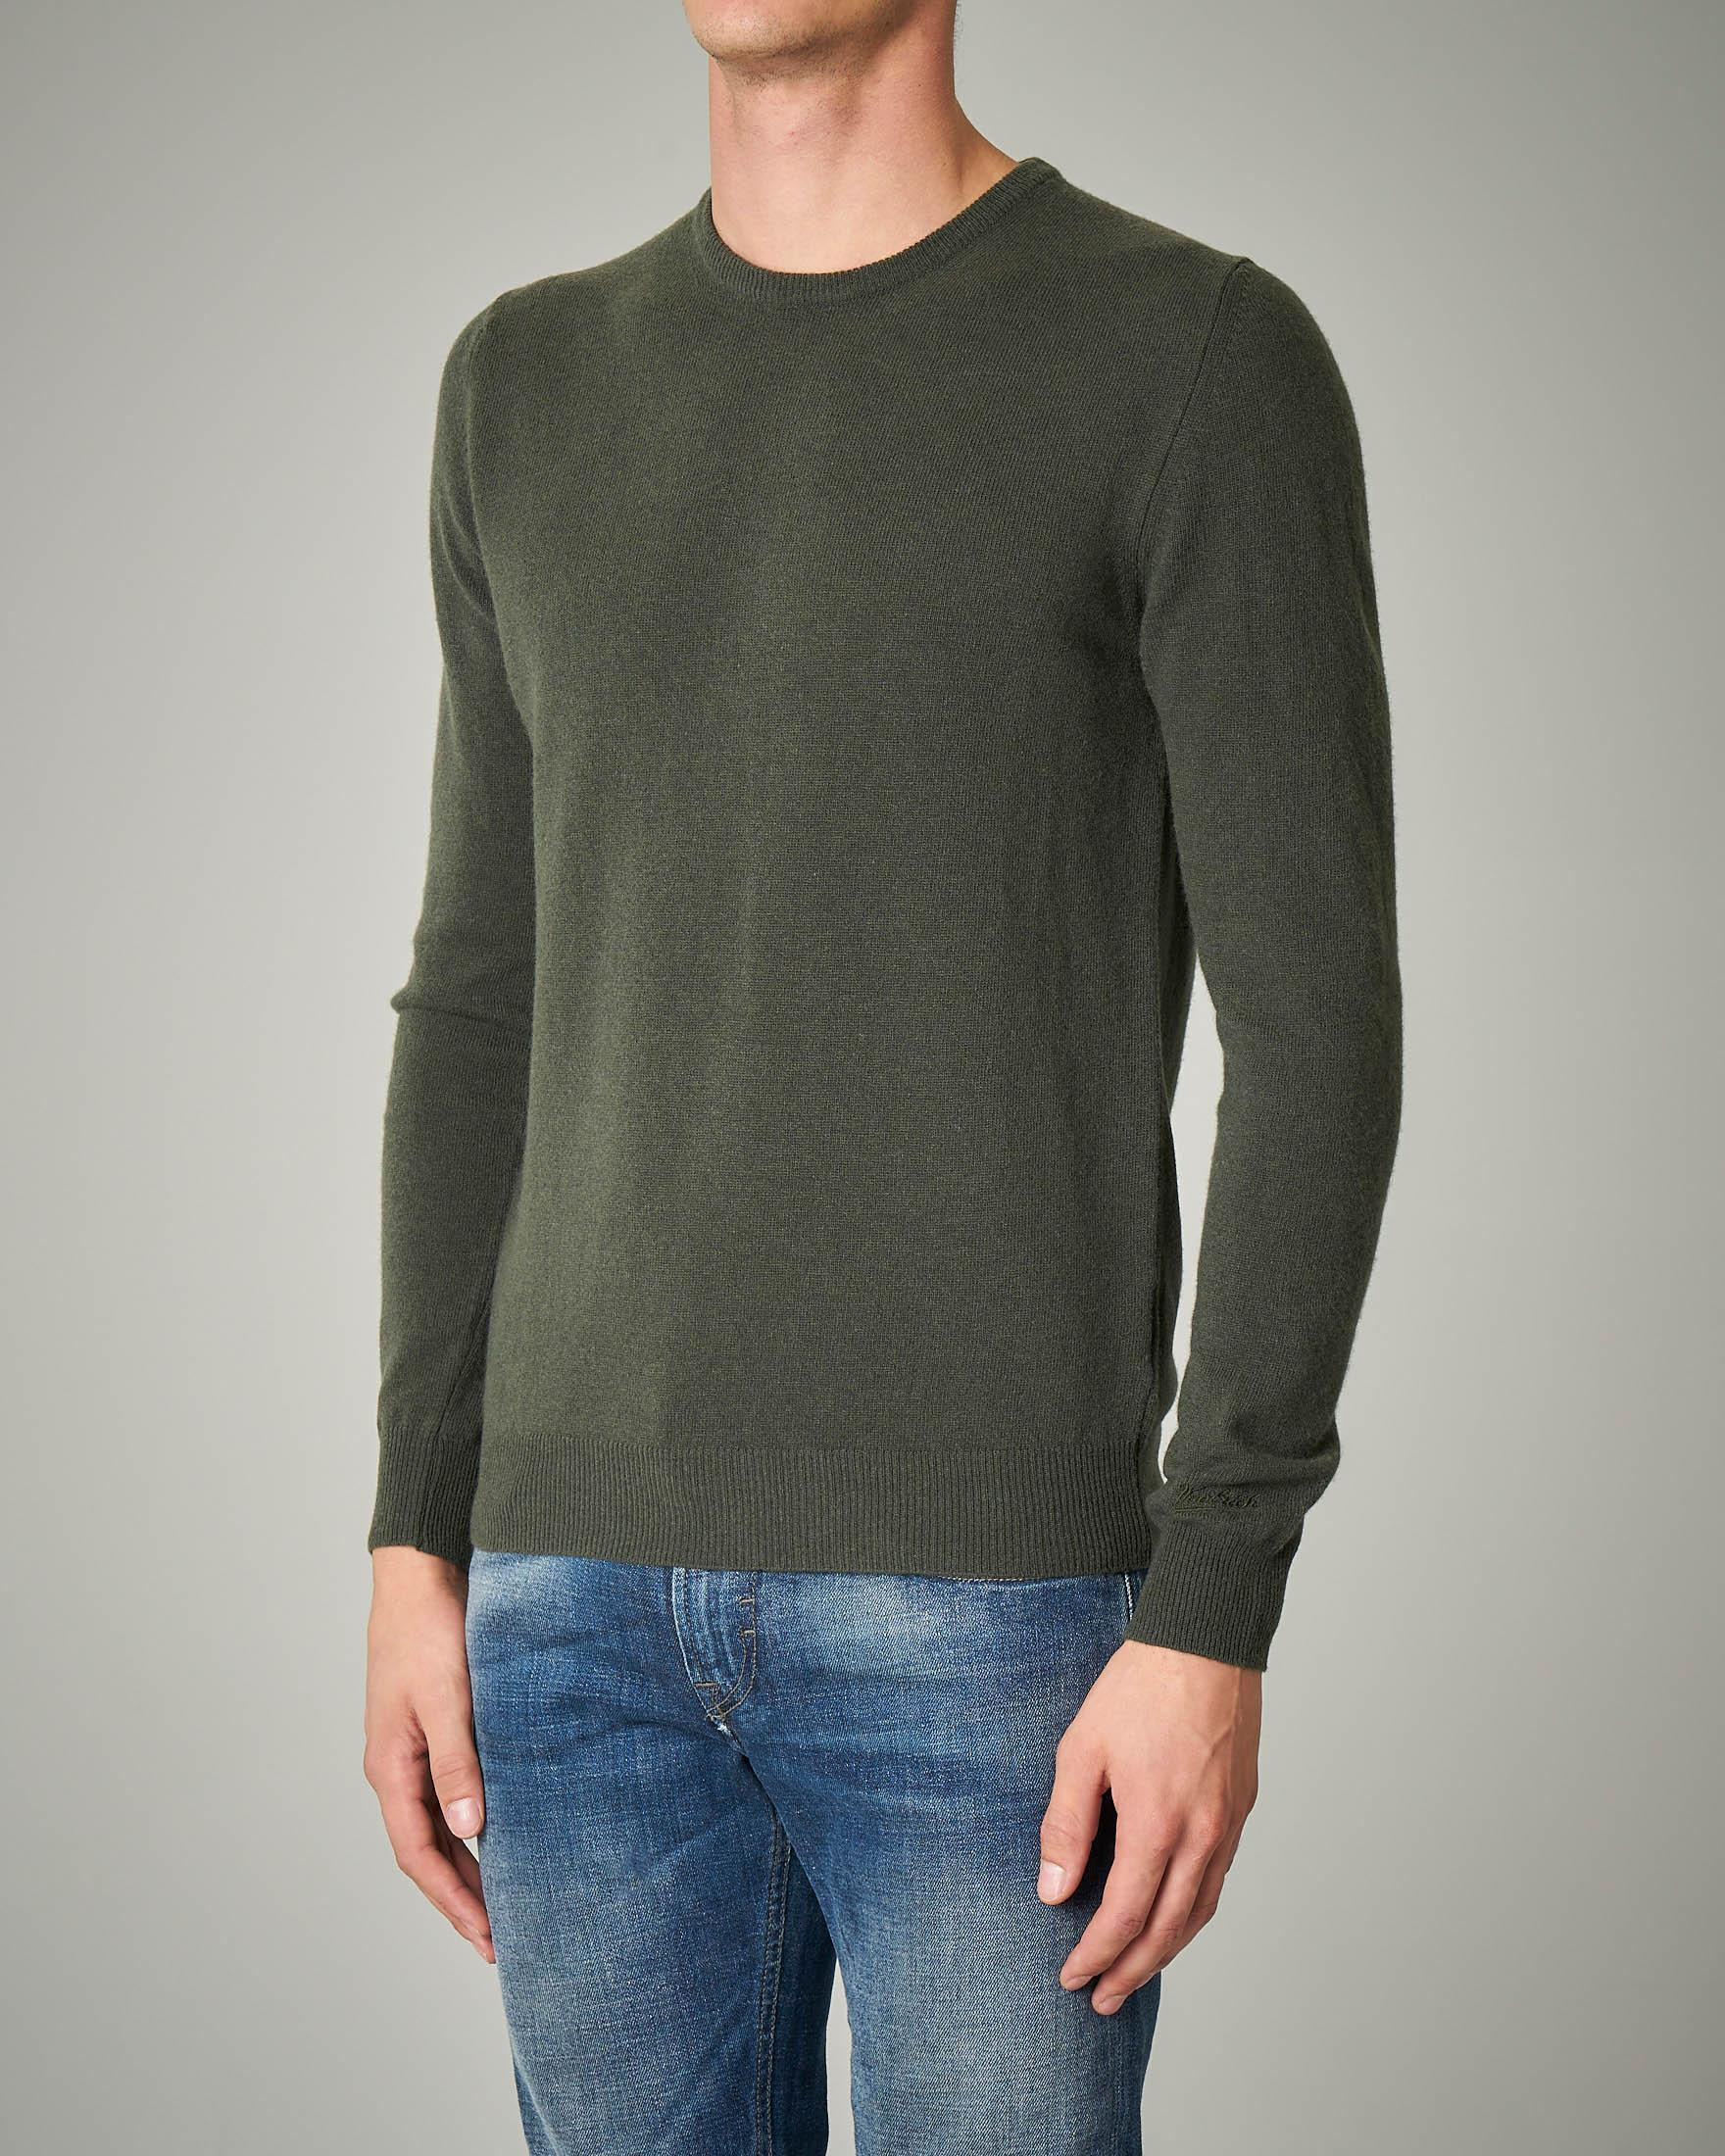 Maglia verde militare girocollo in lana